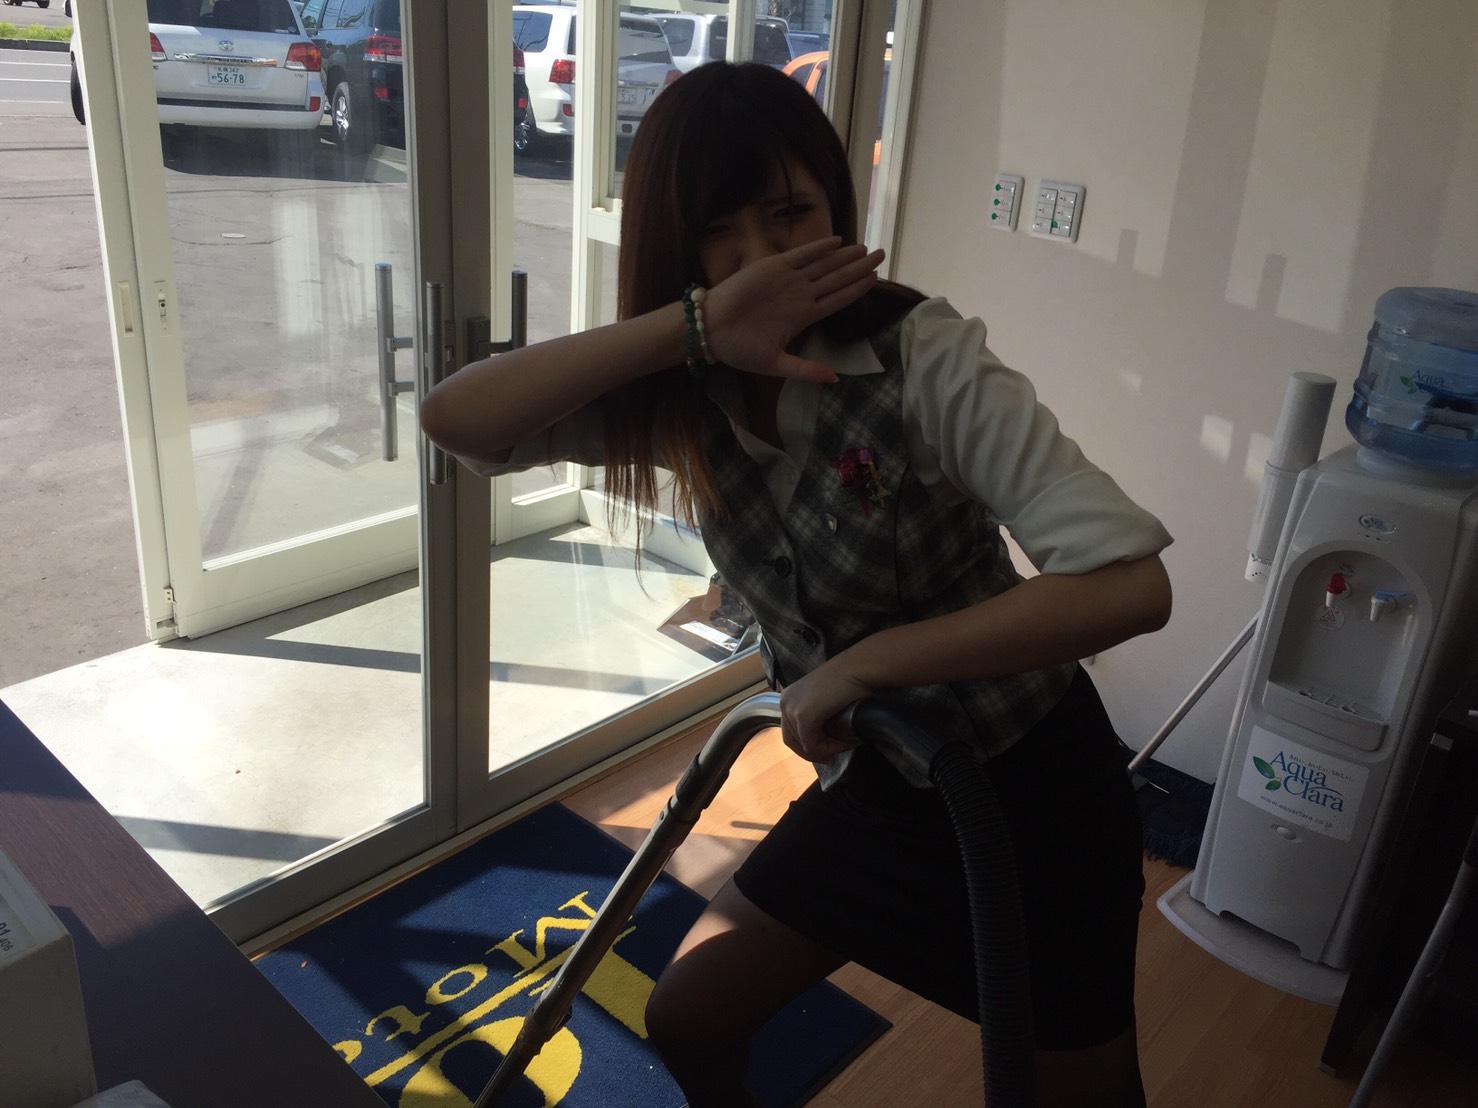 9月5日 火曜日のひとログヽ( 'ω' )ノ 本日CH-Rご納車♬レンタカー絶賛ご予約受付中♬_b0127002_1721996.jpg